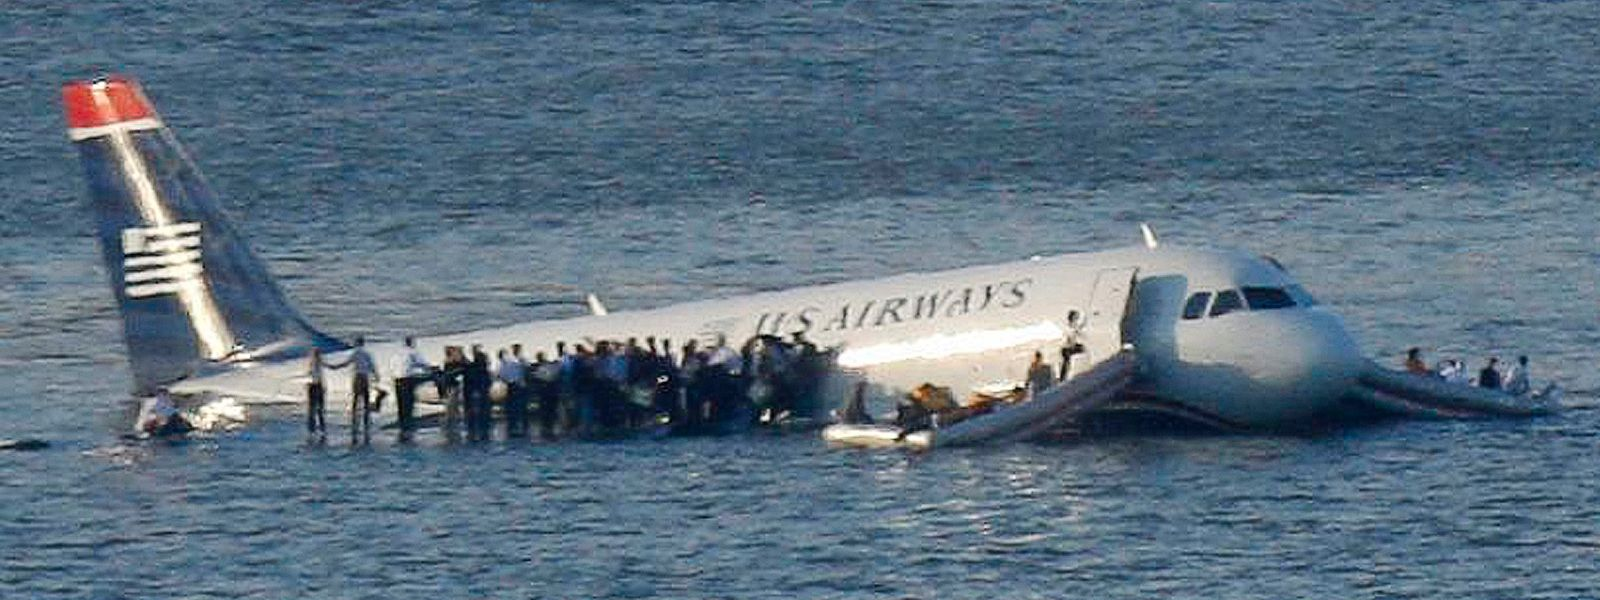 Nach der Notlandung retteten sich die Passagiere des verunglückten Airbus auf die Tragflächen und Luftinseln, deren Verbindung zum Flugzeug in weiser Voraussicht gekappt wurde.